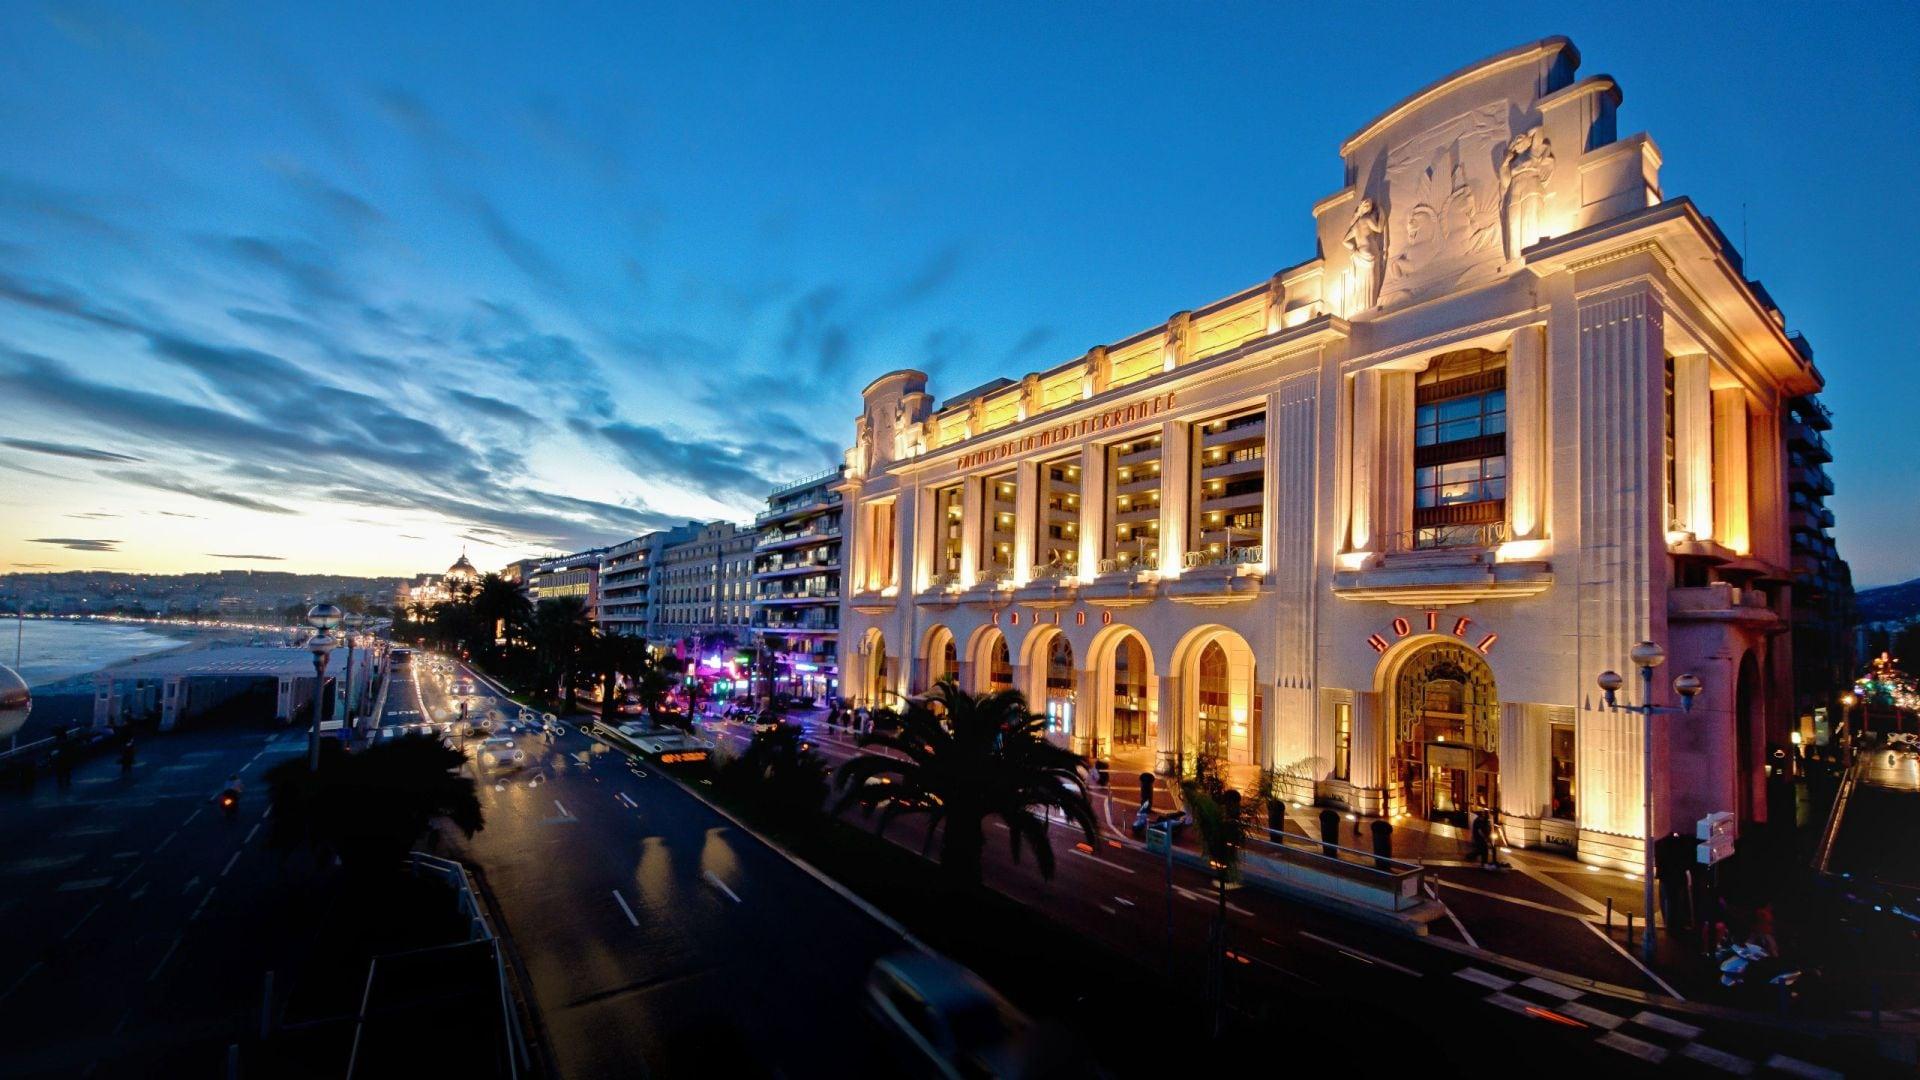 Nice Hotel Facade exterior